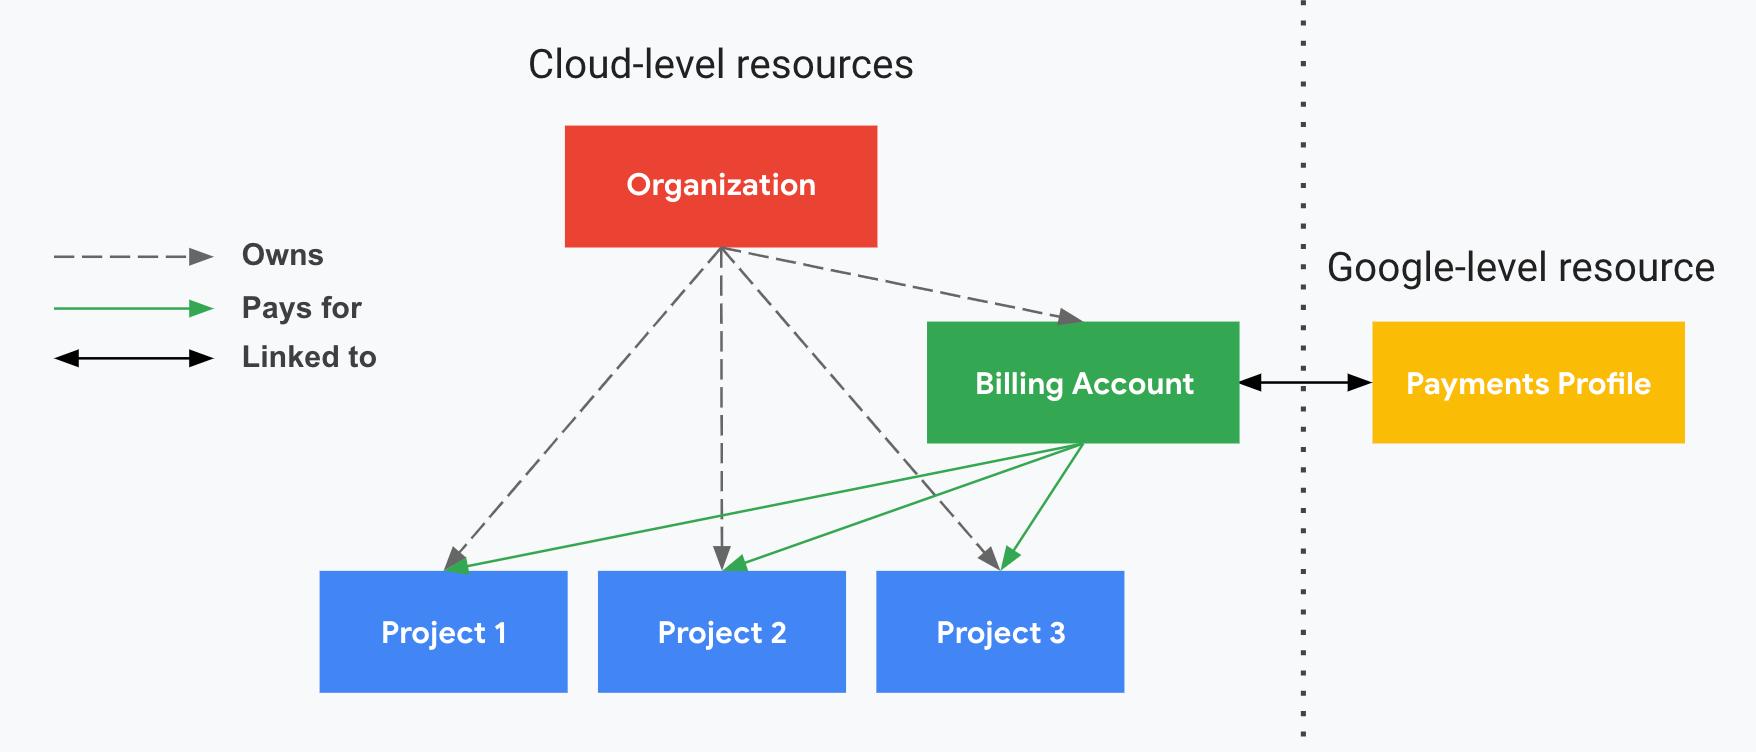 Ilustração que descreve como os projetos se relacionam com sua Conta de faturamento do Cloud, a organização e seu perfil para pagamentos. Em um lado estão os recursos no nível do Cloud (organização, Conta de faturamento do Cloud e projetos associados). No outro lado, dividido por uma linha vertical pontilhada, está seu recurso no nível do Google (um perfil para pagamentos). Os projetos são pagos pela Conta de faturamento do Cloud, que está vinculada ao seu perfil para pagamentos. A organização controla a propriedade por meio do Cloud IAM.